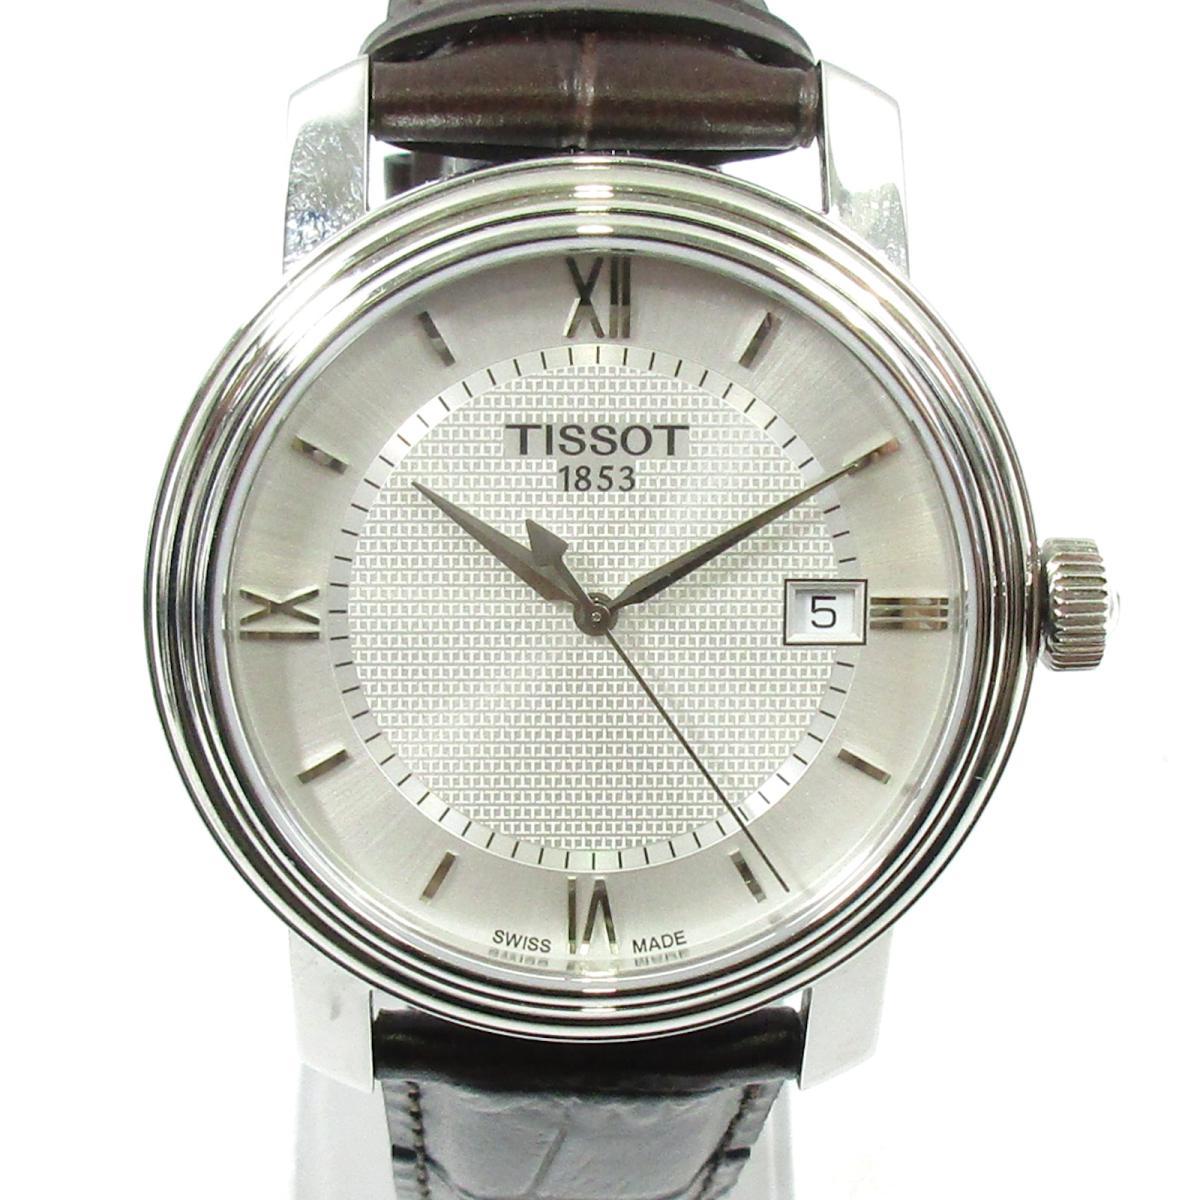 【中古】 ティソ T-CLASSTC BRIDGEPORT ウォッチ 腕時計 メンズ ステンレススチール'(SS) x レザー シルバー ブラウン (T097.410.16)   TISSOT BRANDOFF ブランドオフ ブランド ブランド時計 ブランド腕時計 時計